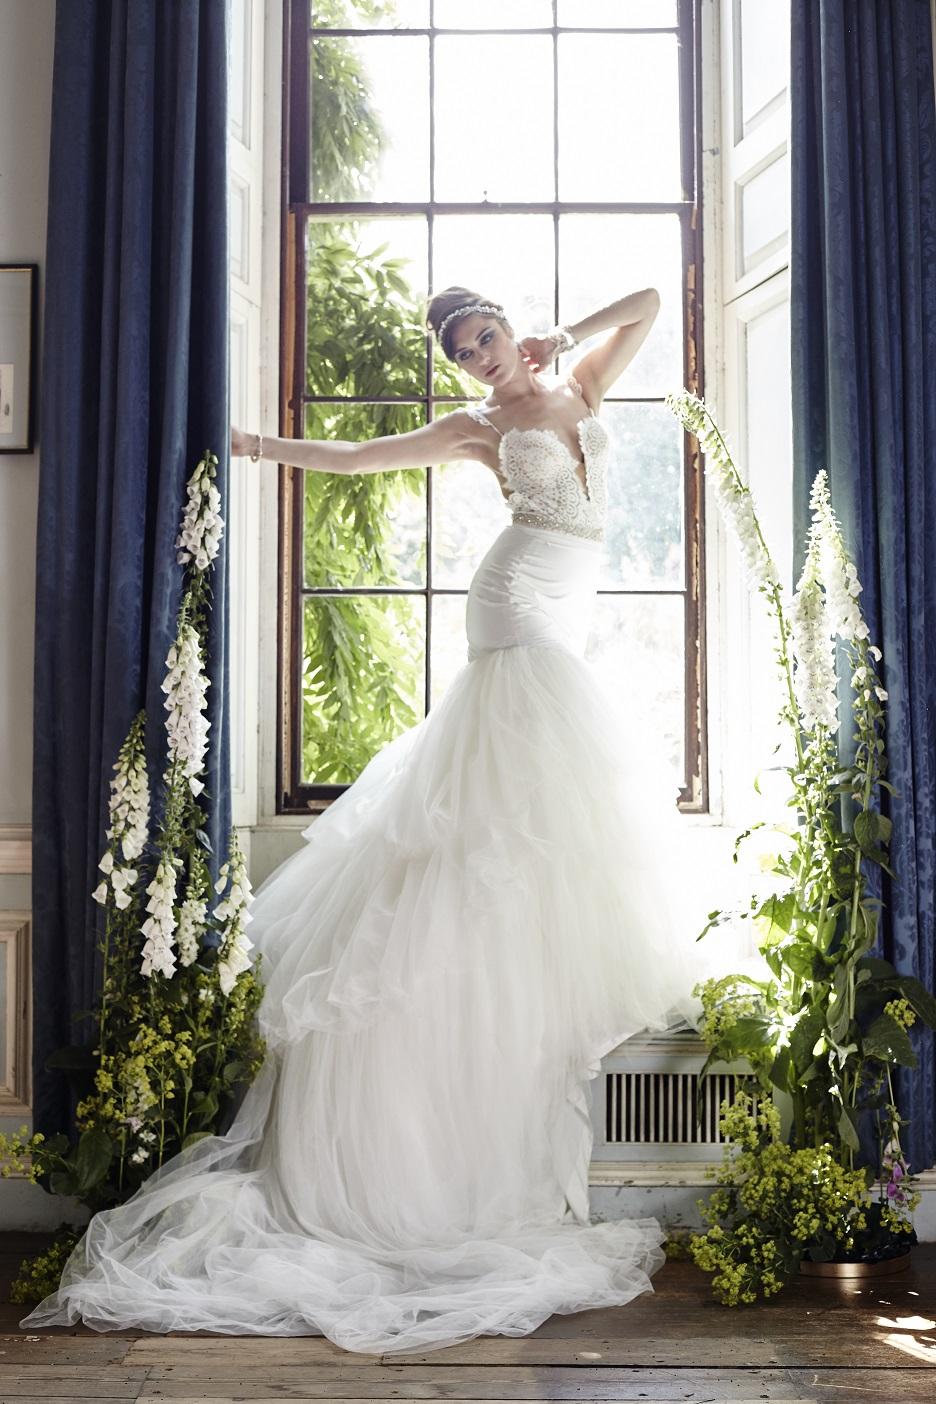 window_lupins_bride.jpg